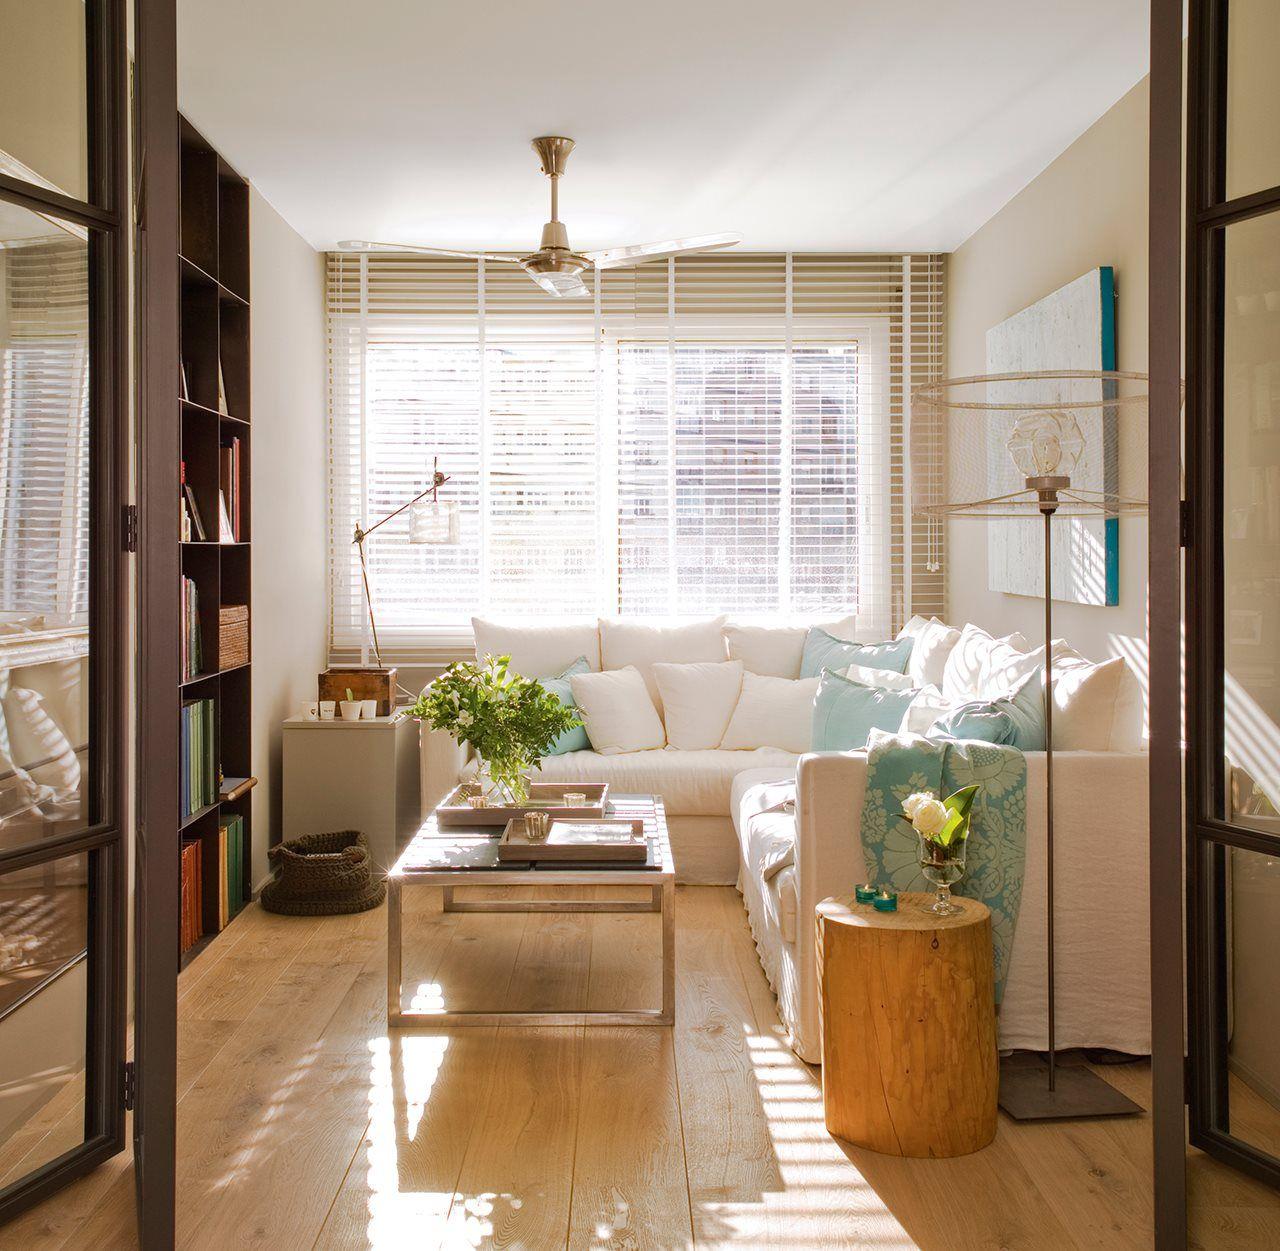 En casa de la decoradora Jeanette Trensig (con imágenes